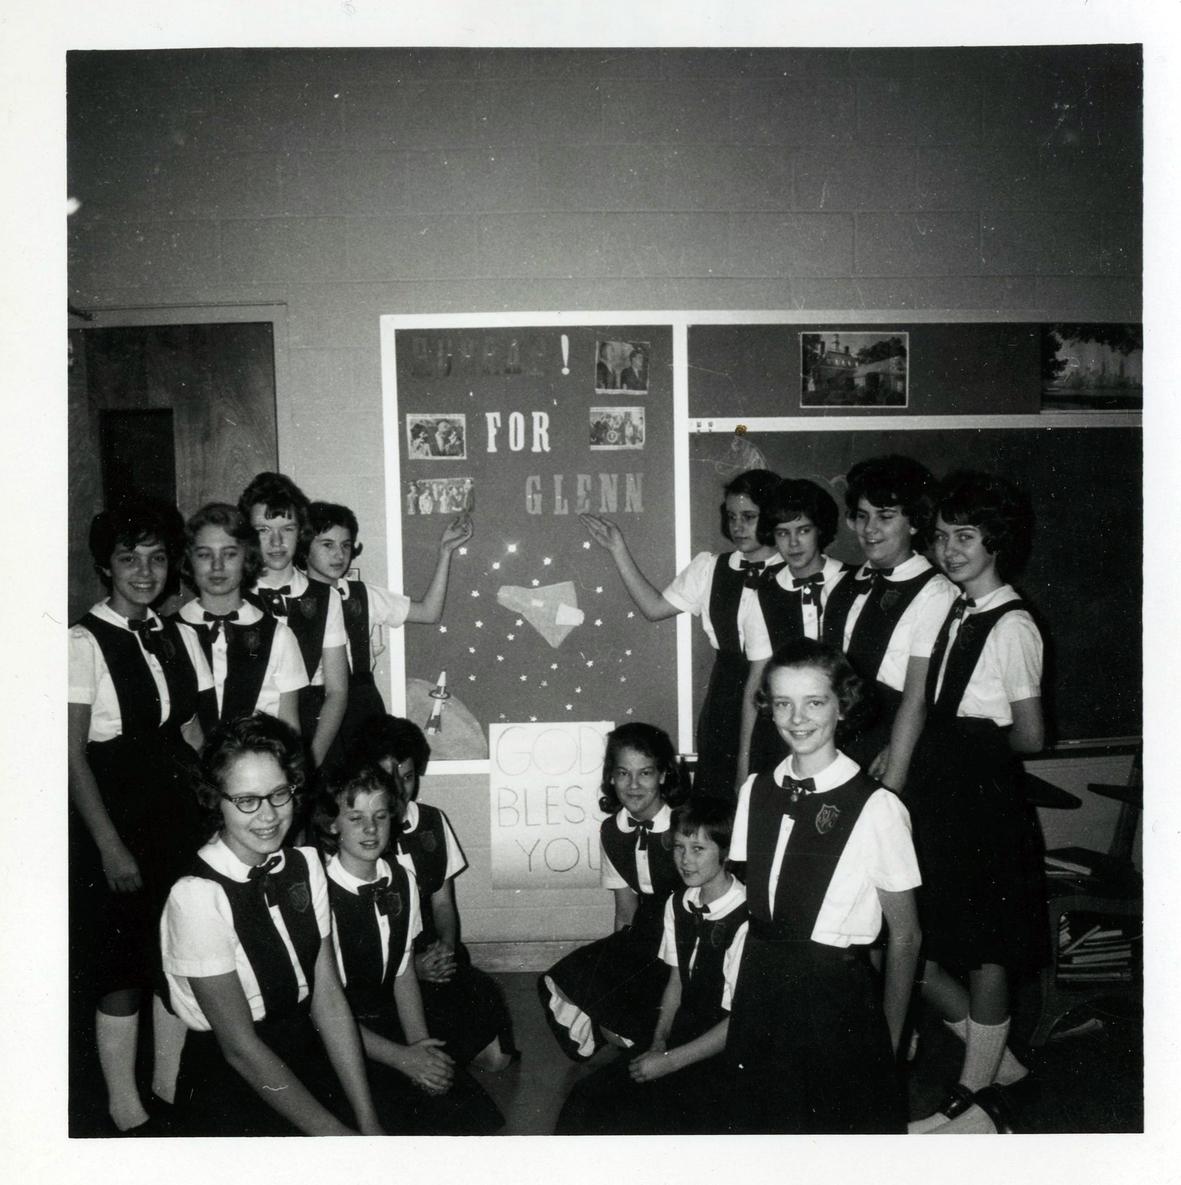 Schoolgirls in New York, 1962.